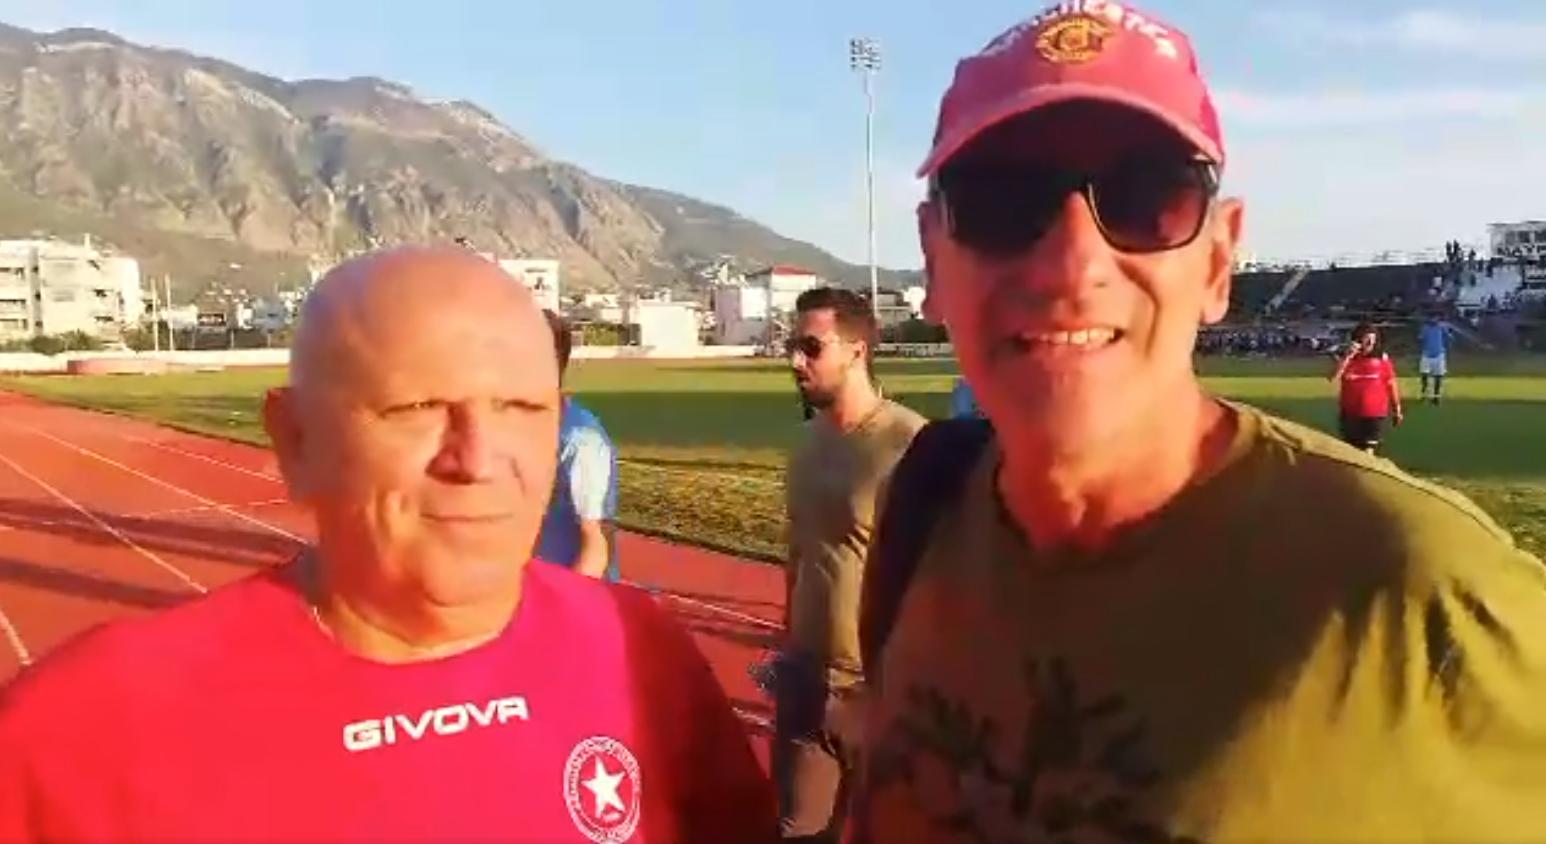 Μεγάλη επιβεβαίωση, επίσημα σήμερα, Sportstonoto και με Βαζάκα σε Ολυμπιακό Βόλου!